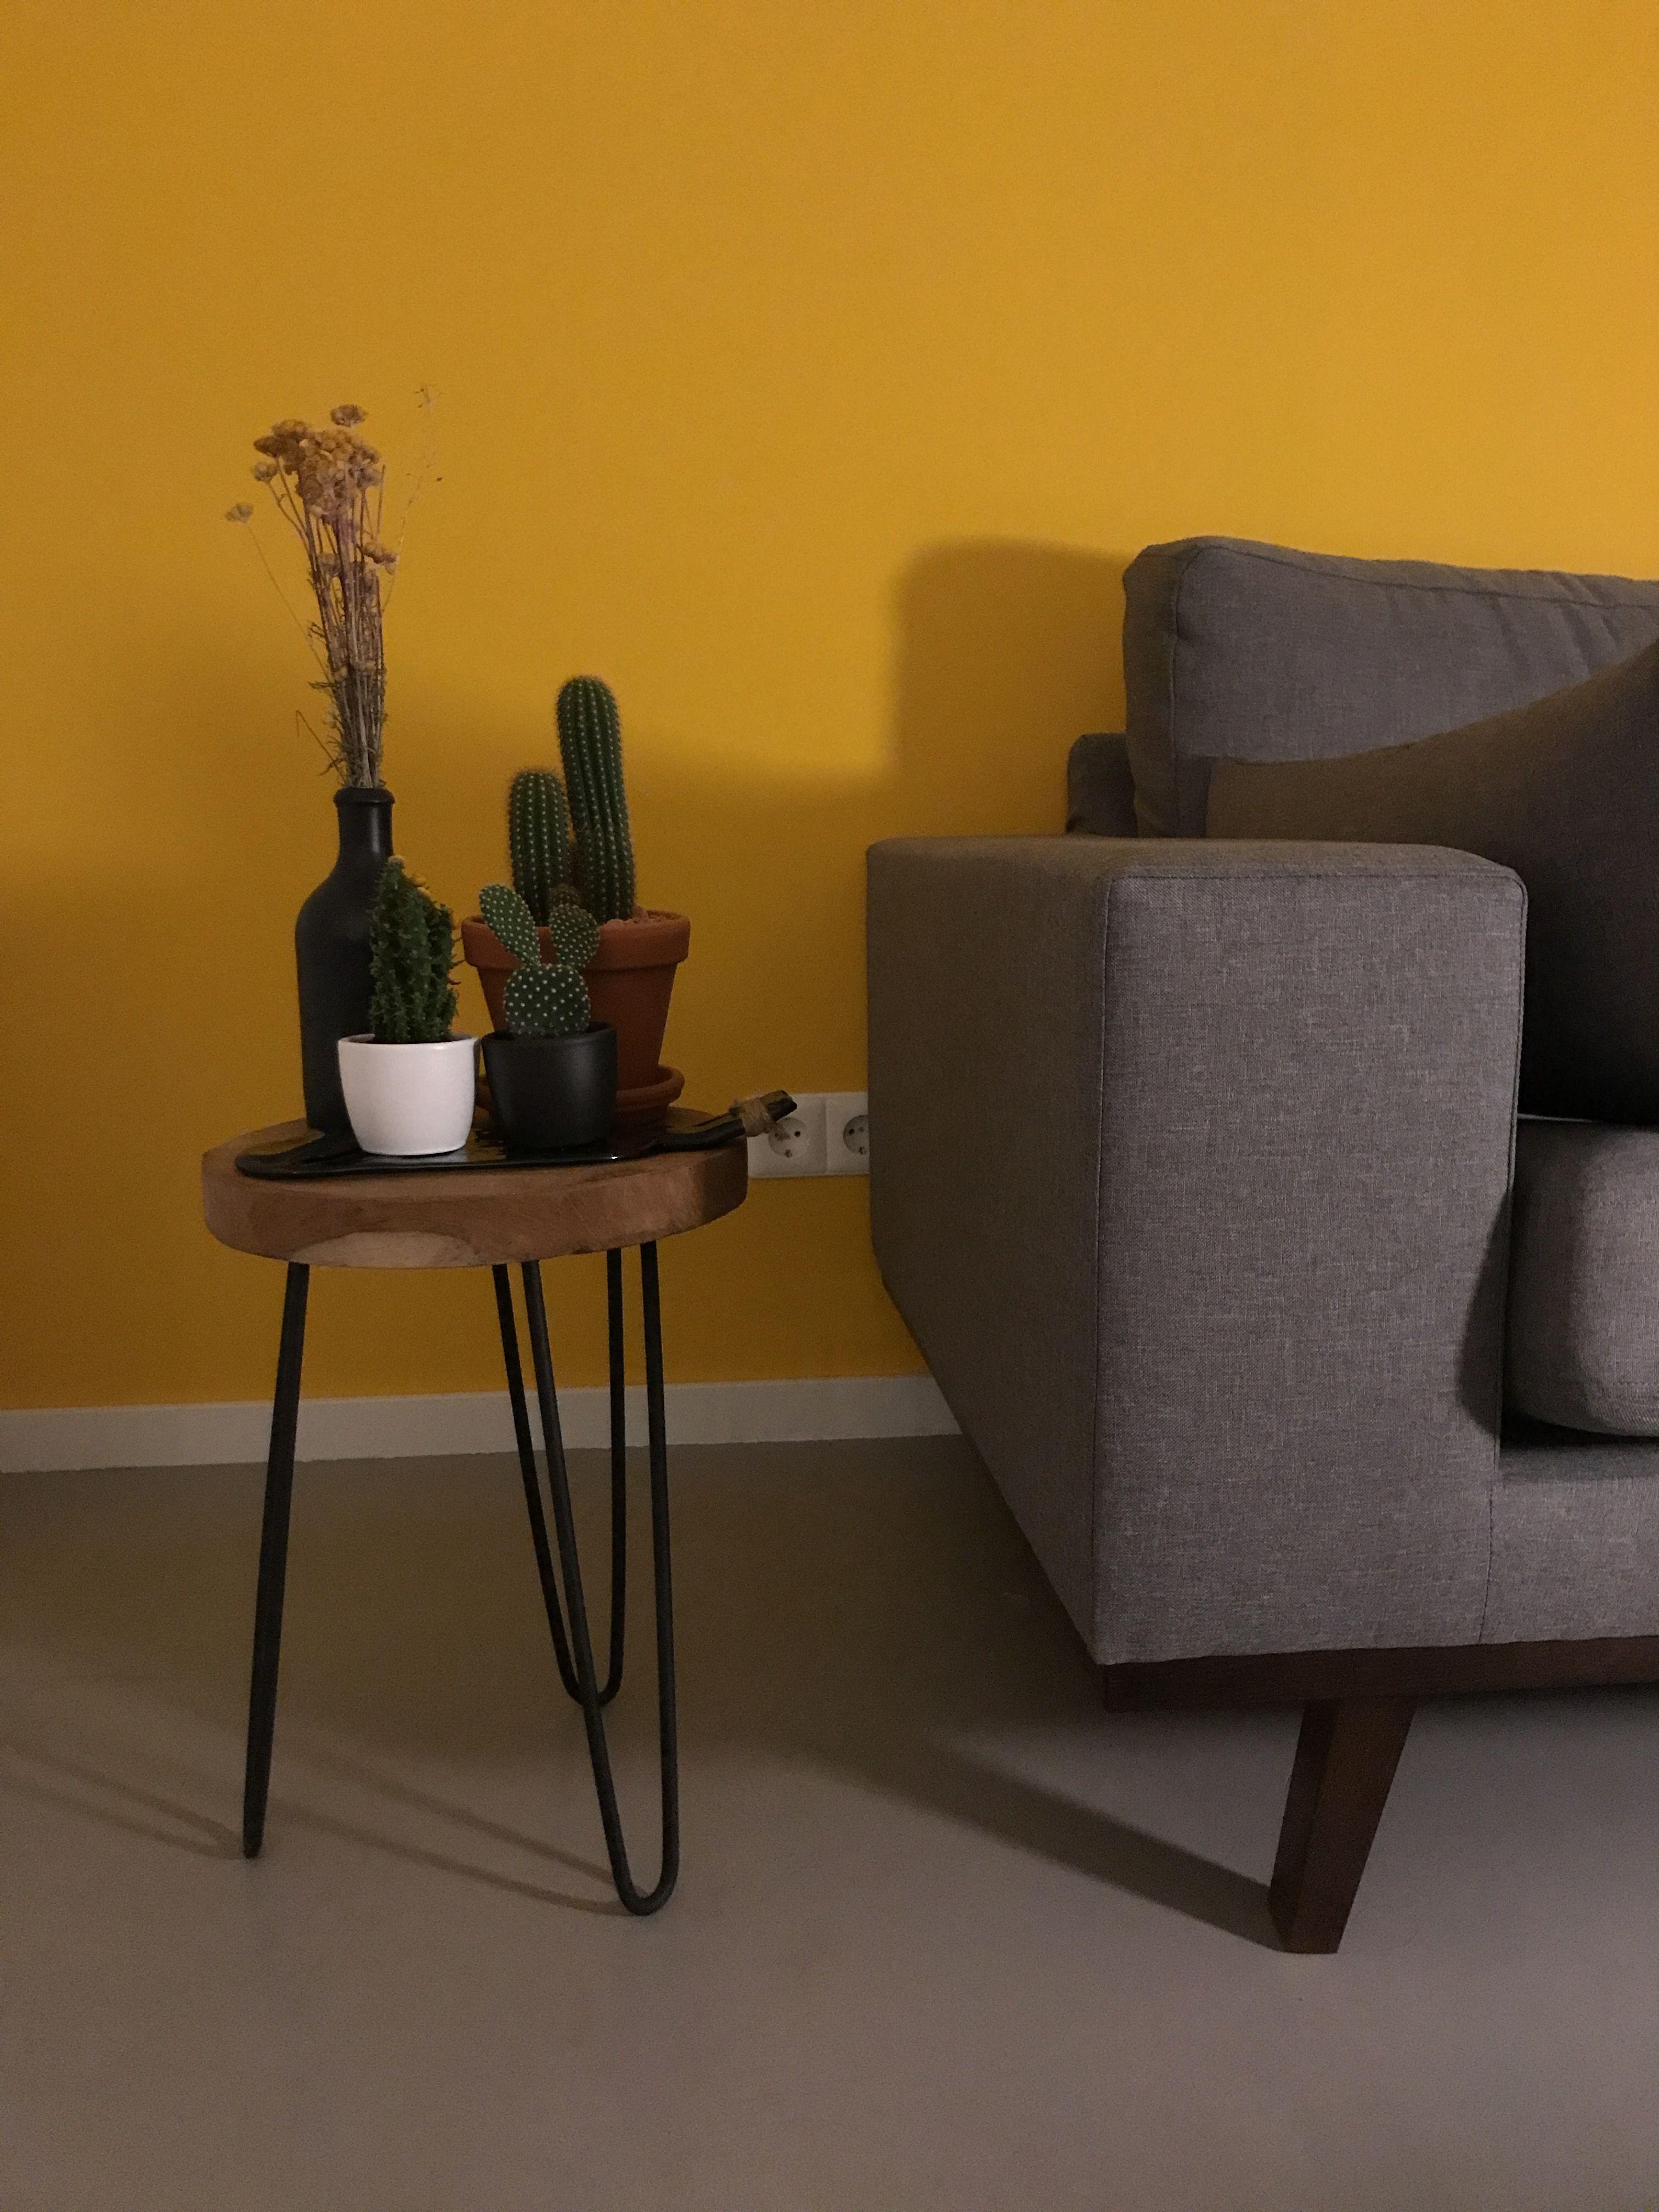 geel #woonkamer #cactus | Myhome | Pinterest - Cactus en Geel